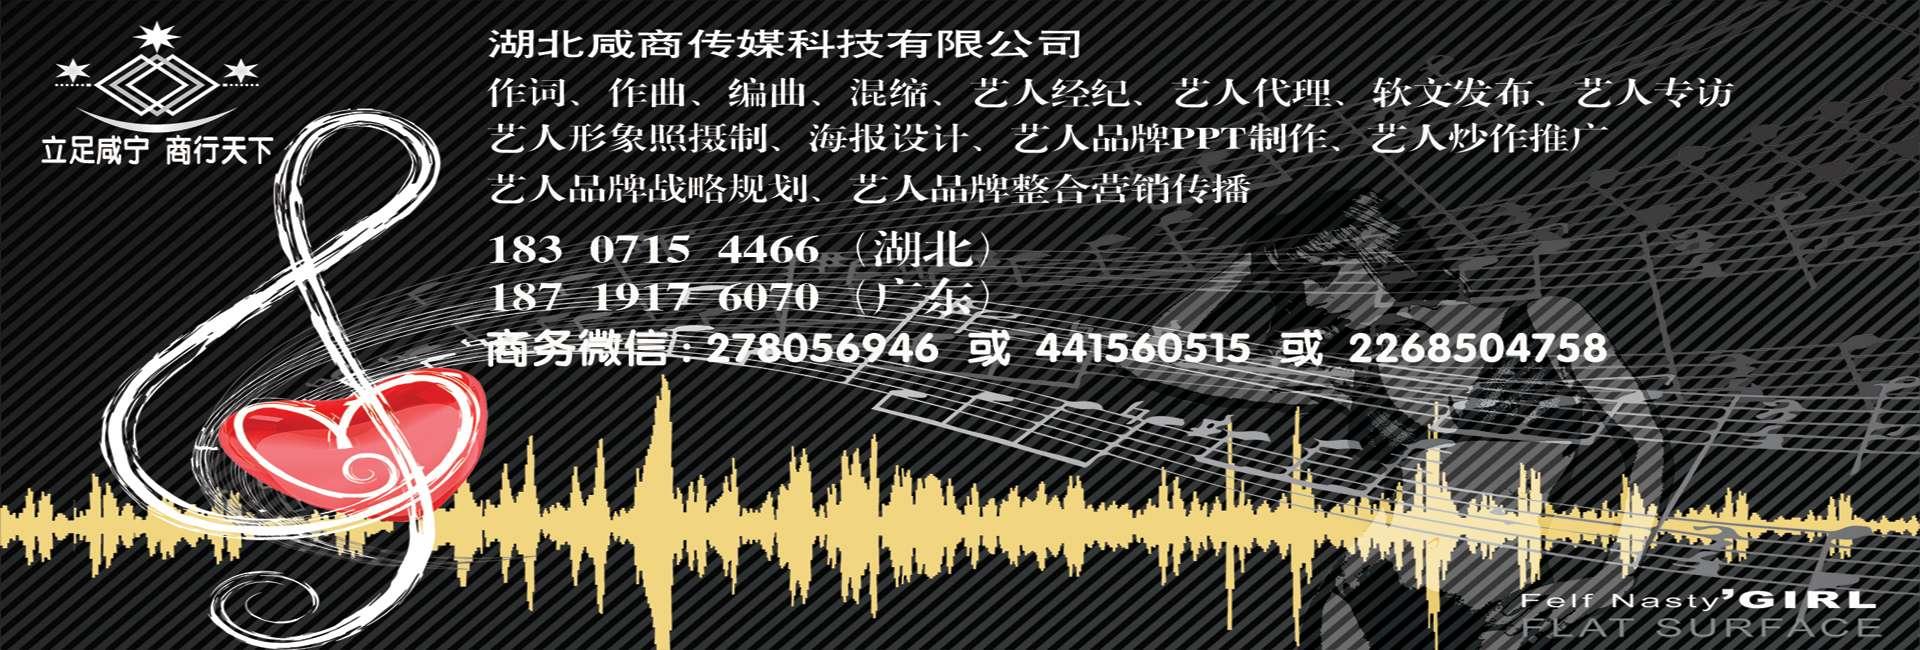 湖北咸宁专业的艺人推广公司湖北咸商传媒科技有限公司